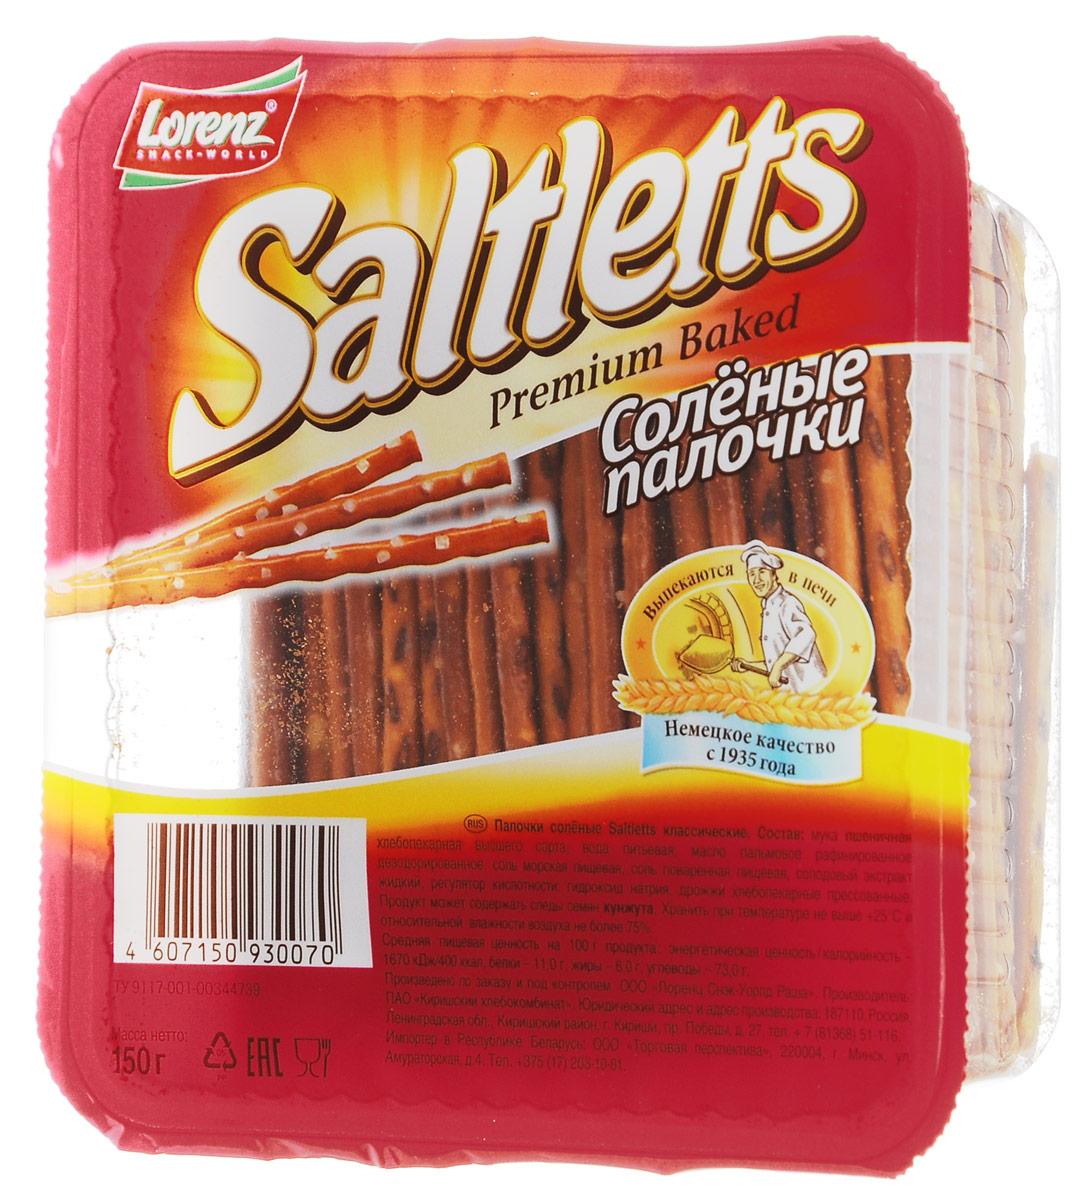 Lorenz Saltletts палочки cоленые, 150 г61Палочки Lorenz Saltletts уже давно являются бесспорной классикой на немецком рынке. Хрустящая соломка золотисто-коричневого цвета радует потребителей с 1935 года. Снэки приготовлены из лучших ингредиентов и приправлены морской солью. Благодаря большой и удобной упаковке, вы можете угостить палочками всех своих гостей.